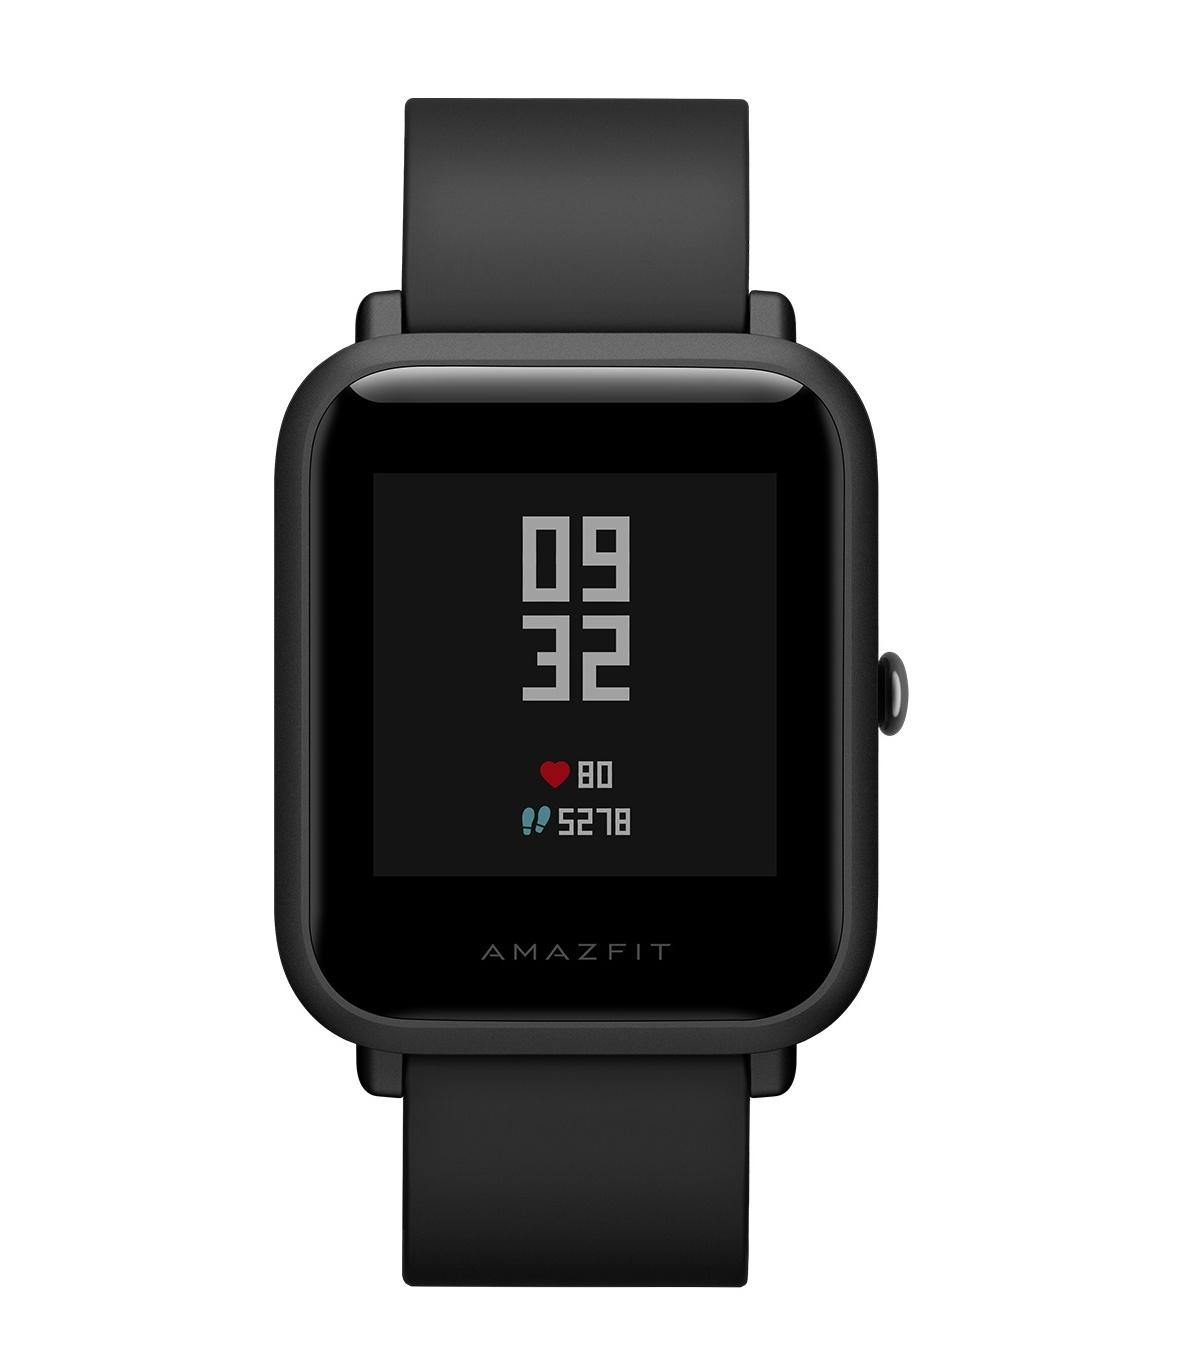 AMAZFIT 智慧運動手錶2